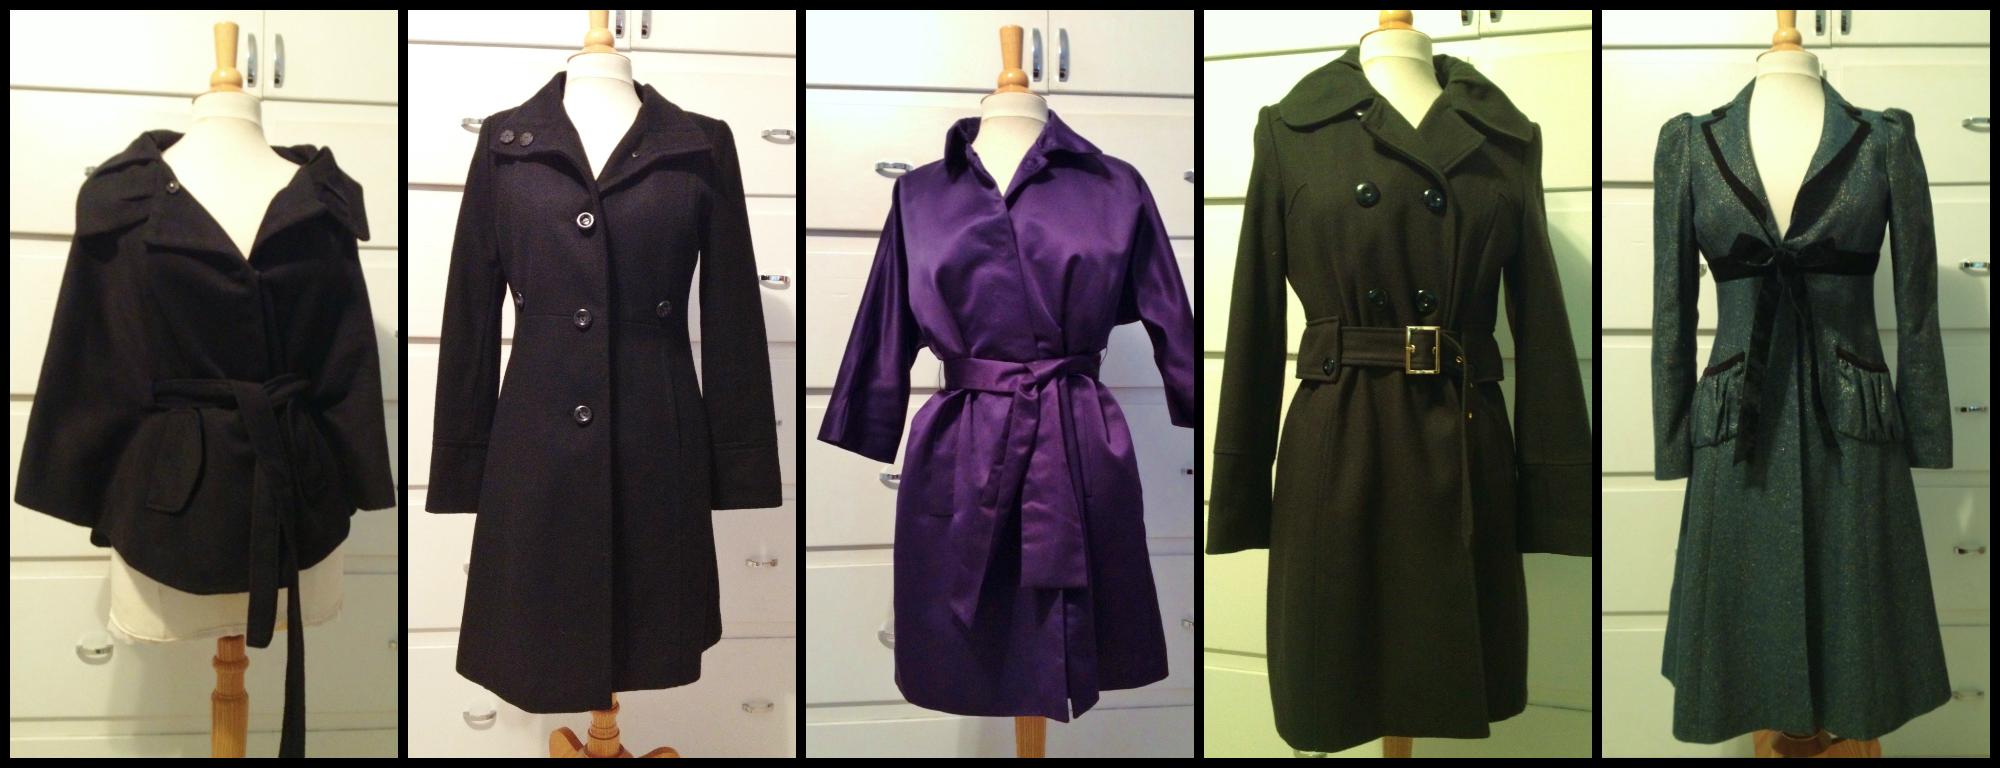 coats group 1